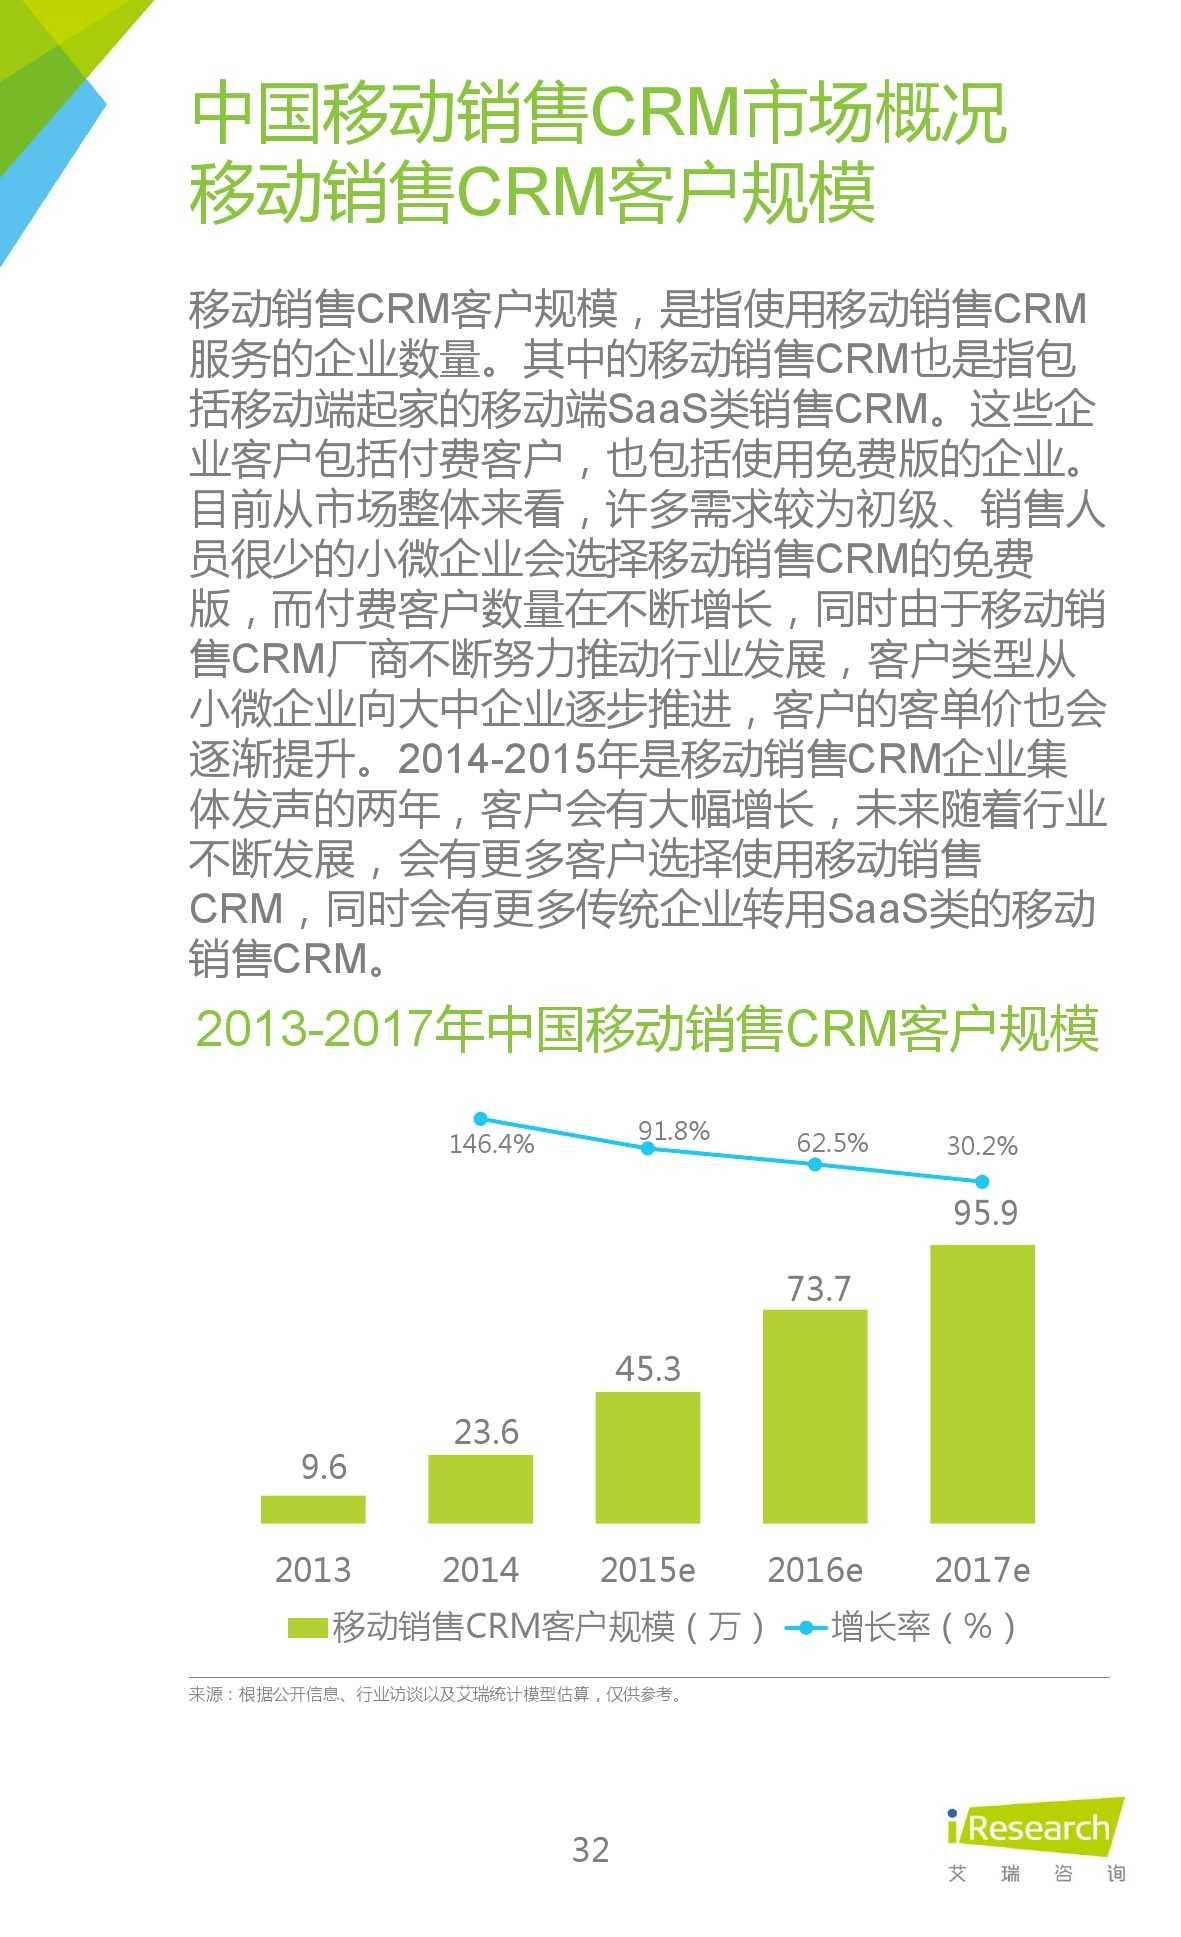 2015年中国移动销售CRM行业研究报告_000032